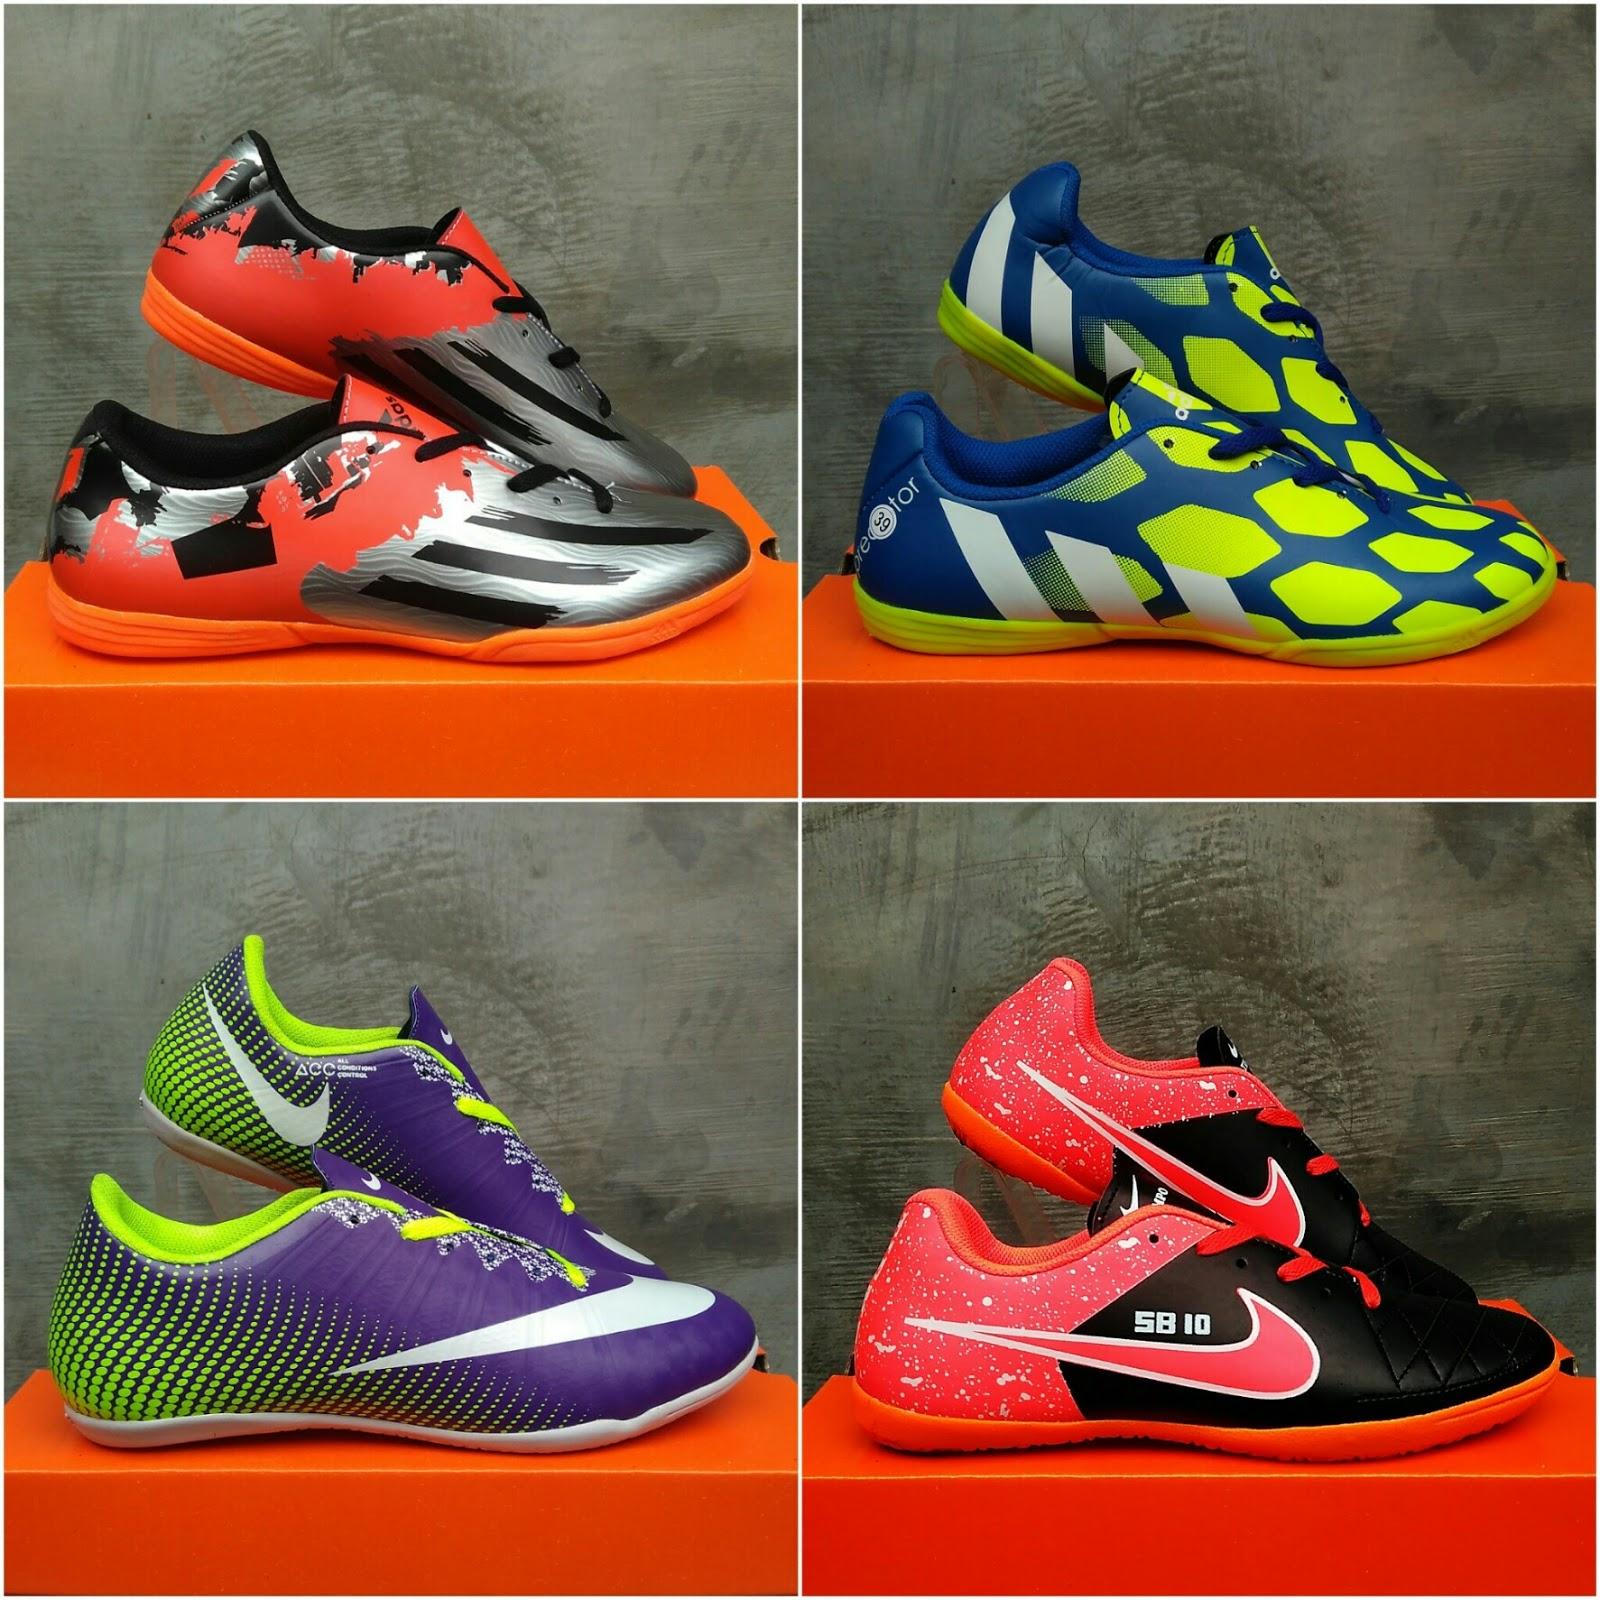 Sepatu 2016 Daftar Harga Sepatu Futsal Nike Terbaru Kw Images